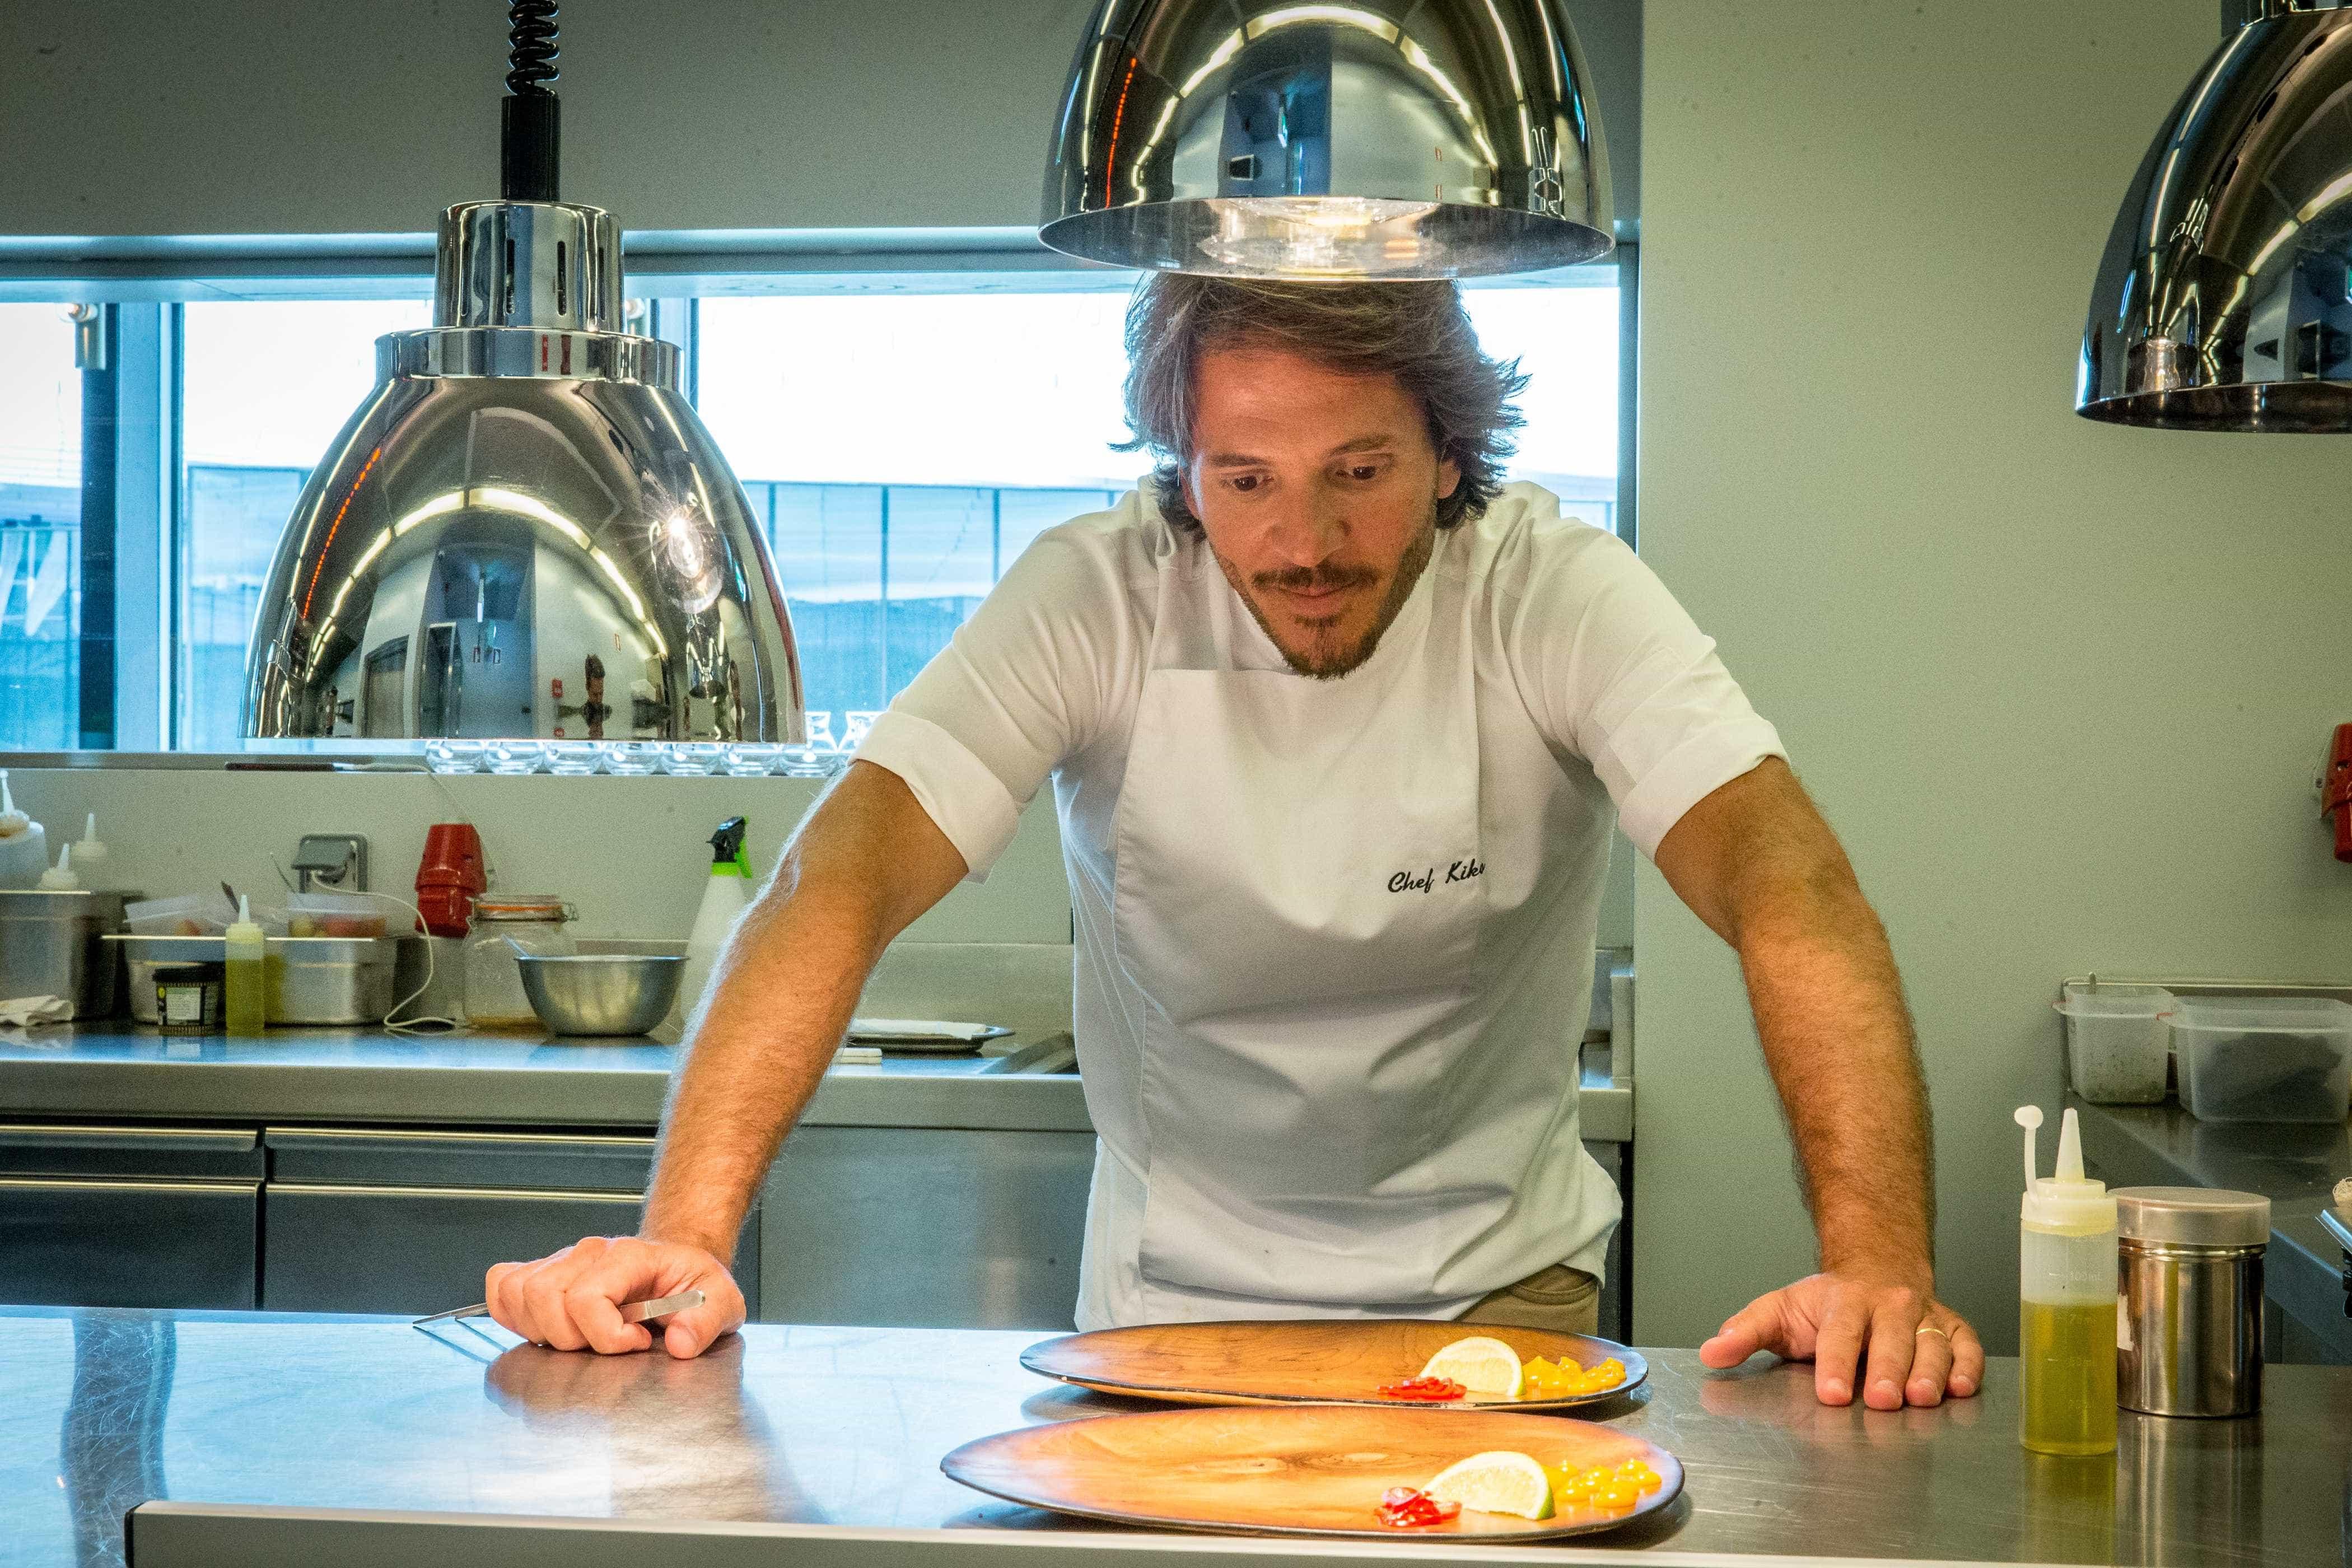 Chef Kiko venceu ou não um concurso de culinária da NASA?